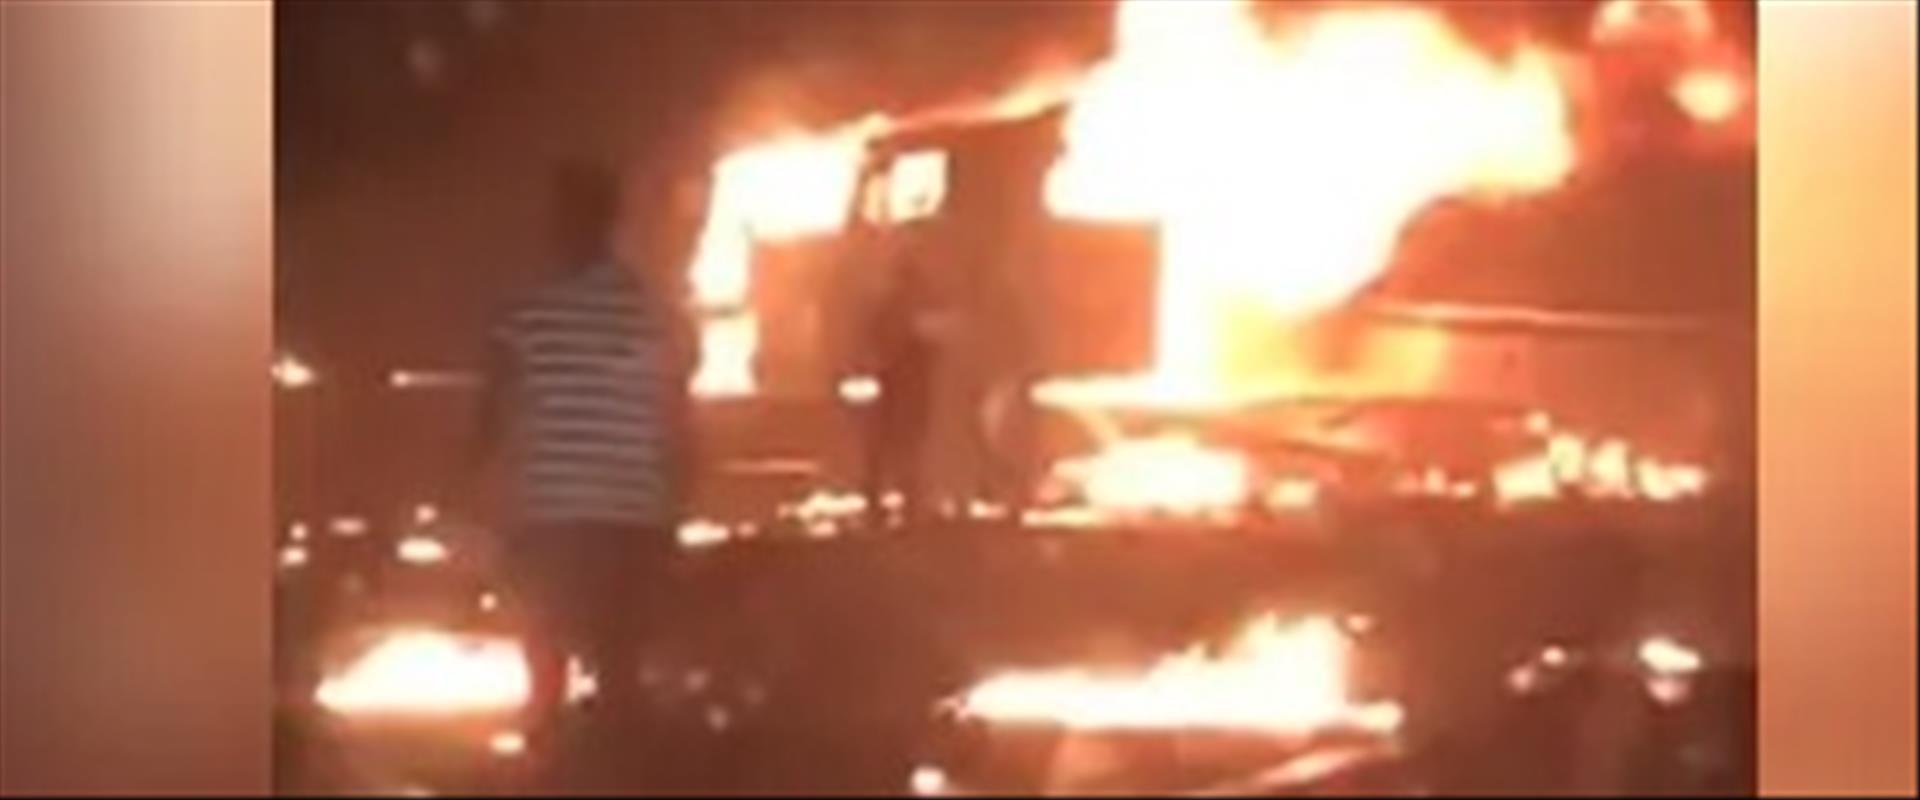 זירת התאונה בסעודיה